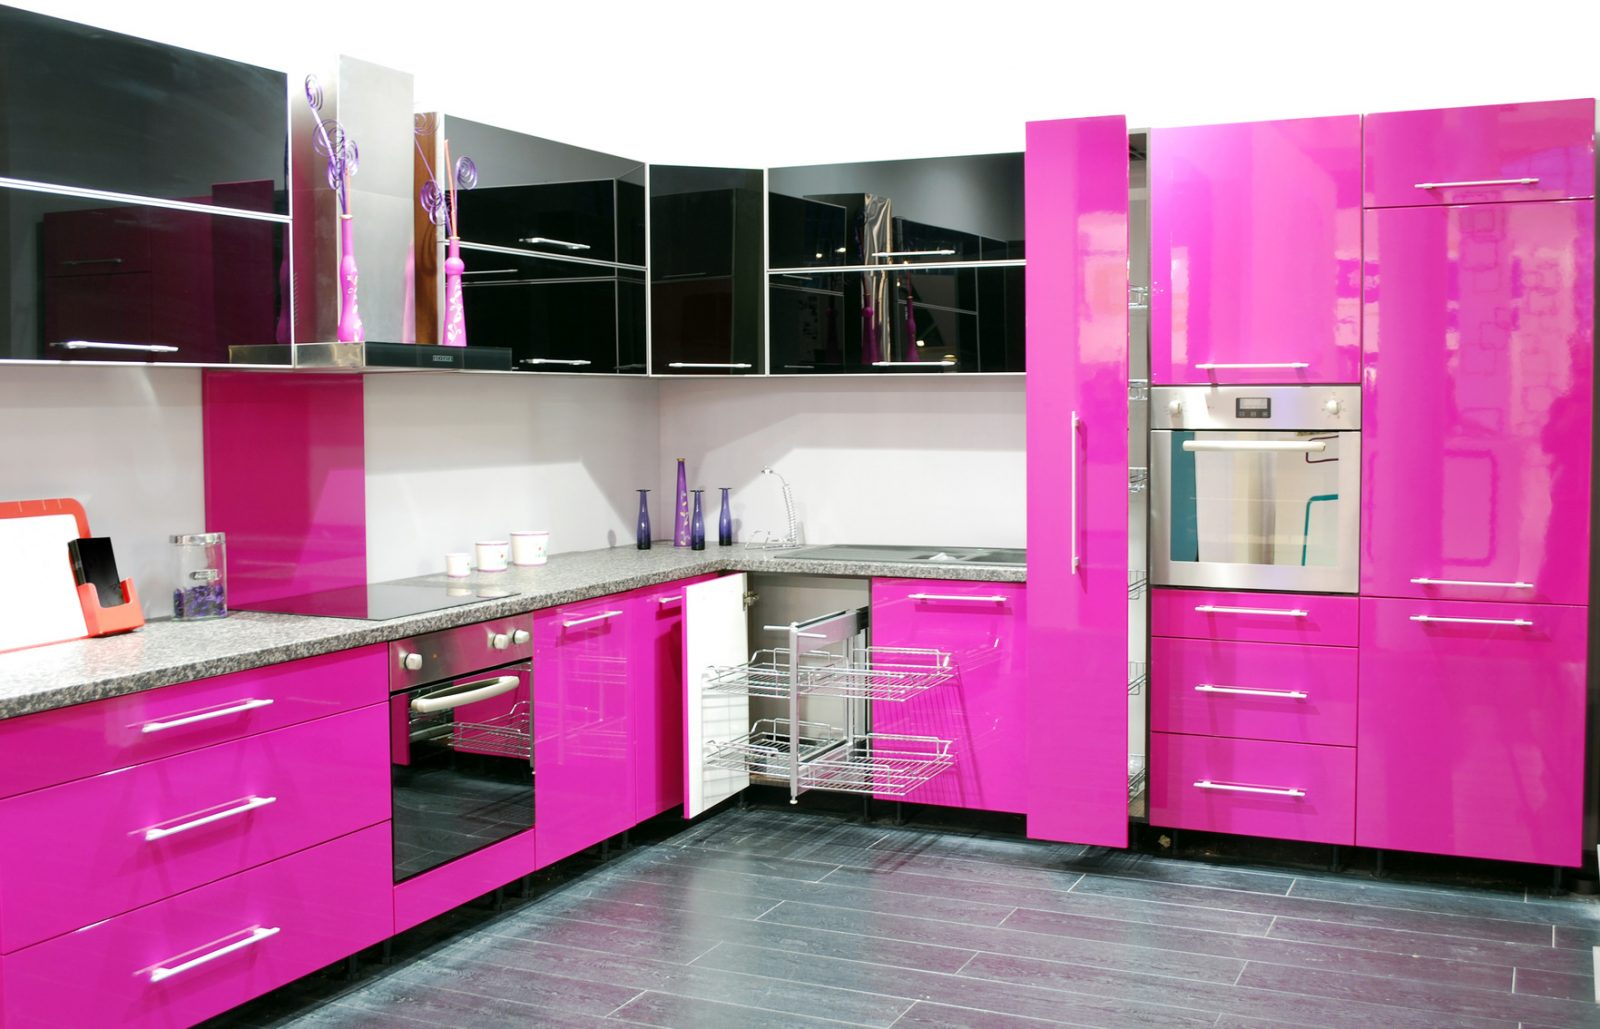 Cocina moderna en rosa im genes y fotos for Cocinas con colores vivos